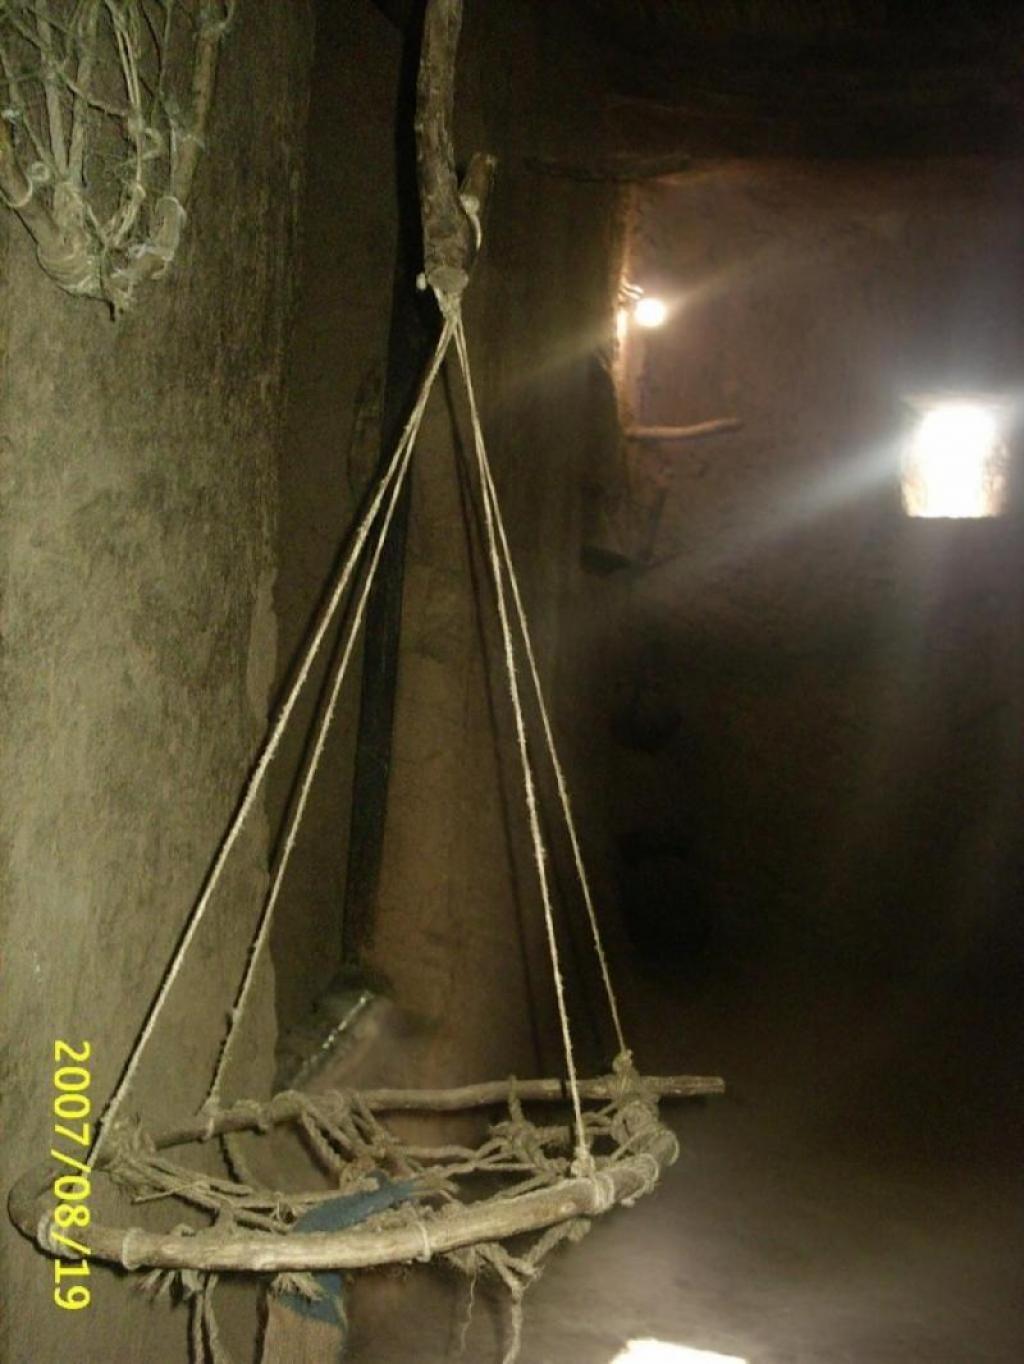 المتحف الأمازيغي Hawlol10-591437-8a19b0-a8ed3c